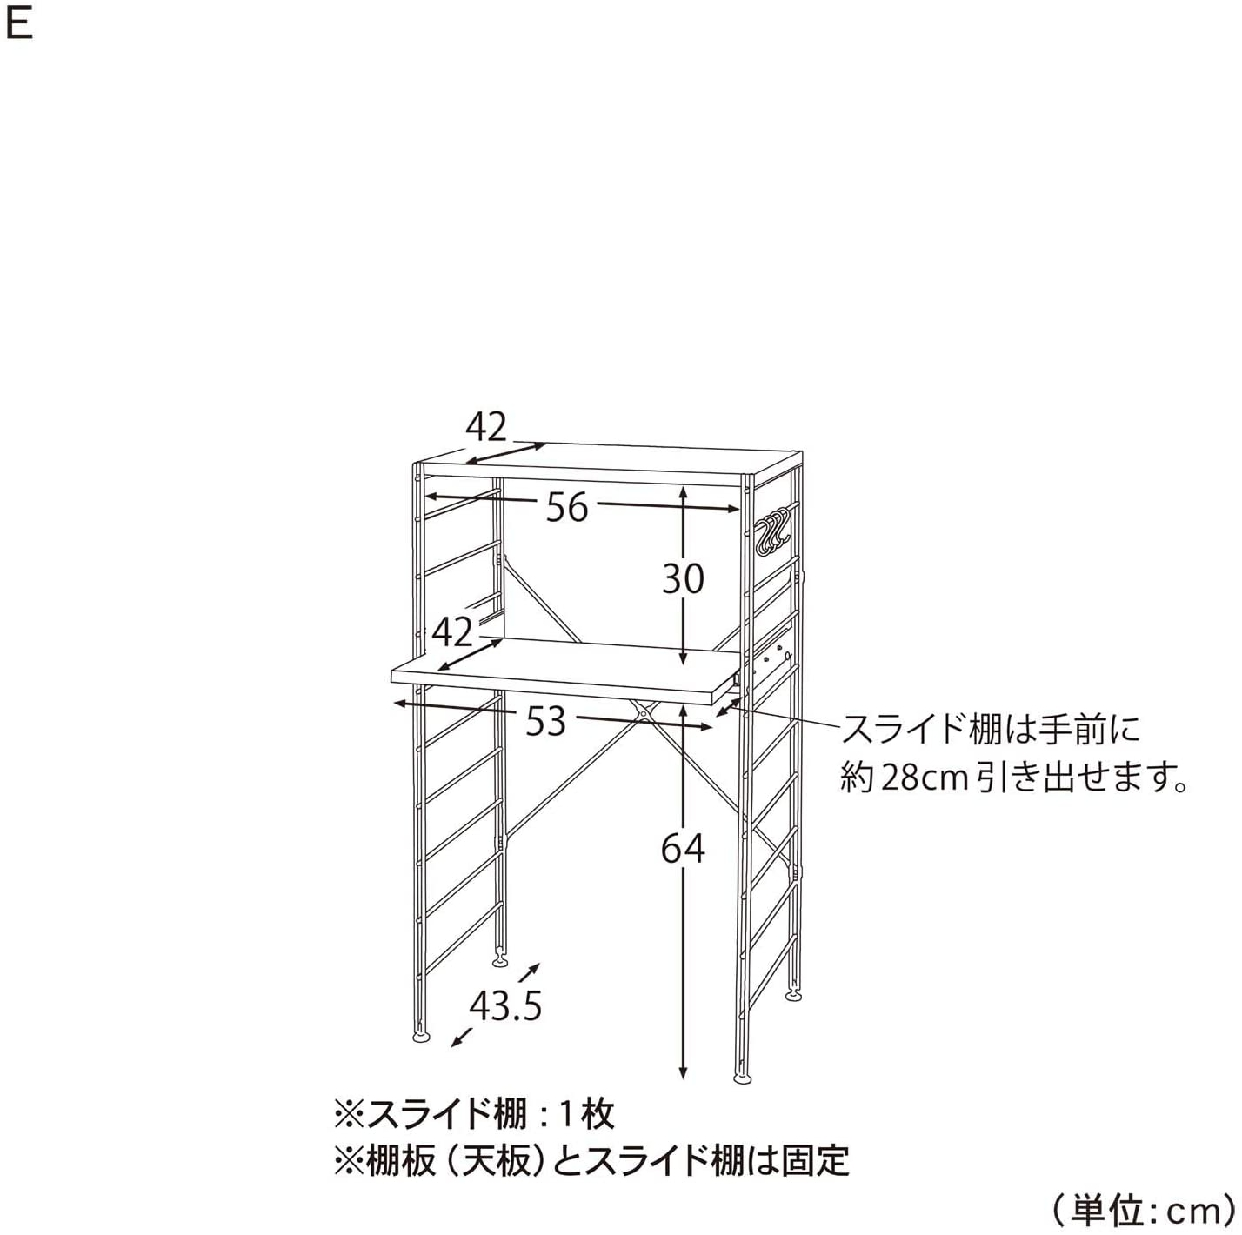 BELLE MAISON(ベルメゾン)ダブルワイヤーレンジ台 60cm ナチュラル×ホワイト/Eの商品画像4